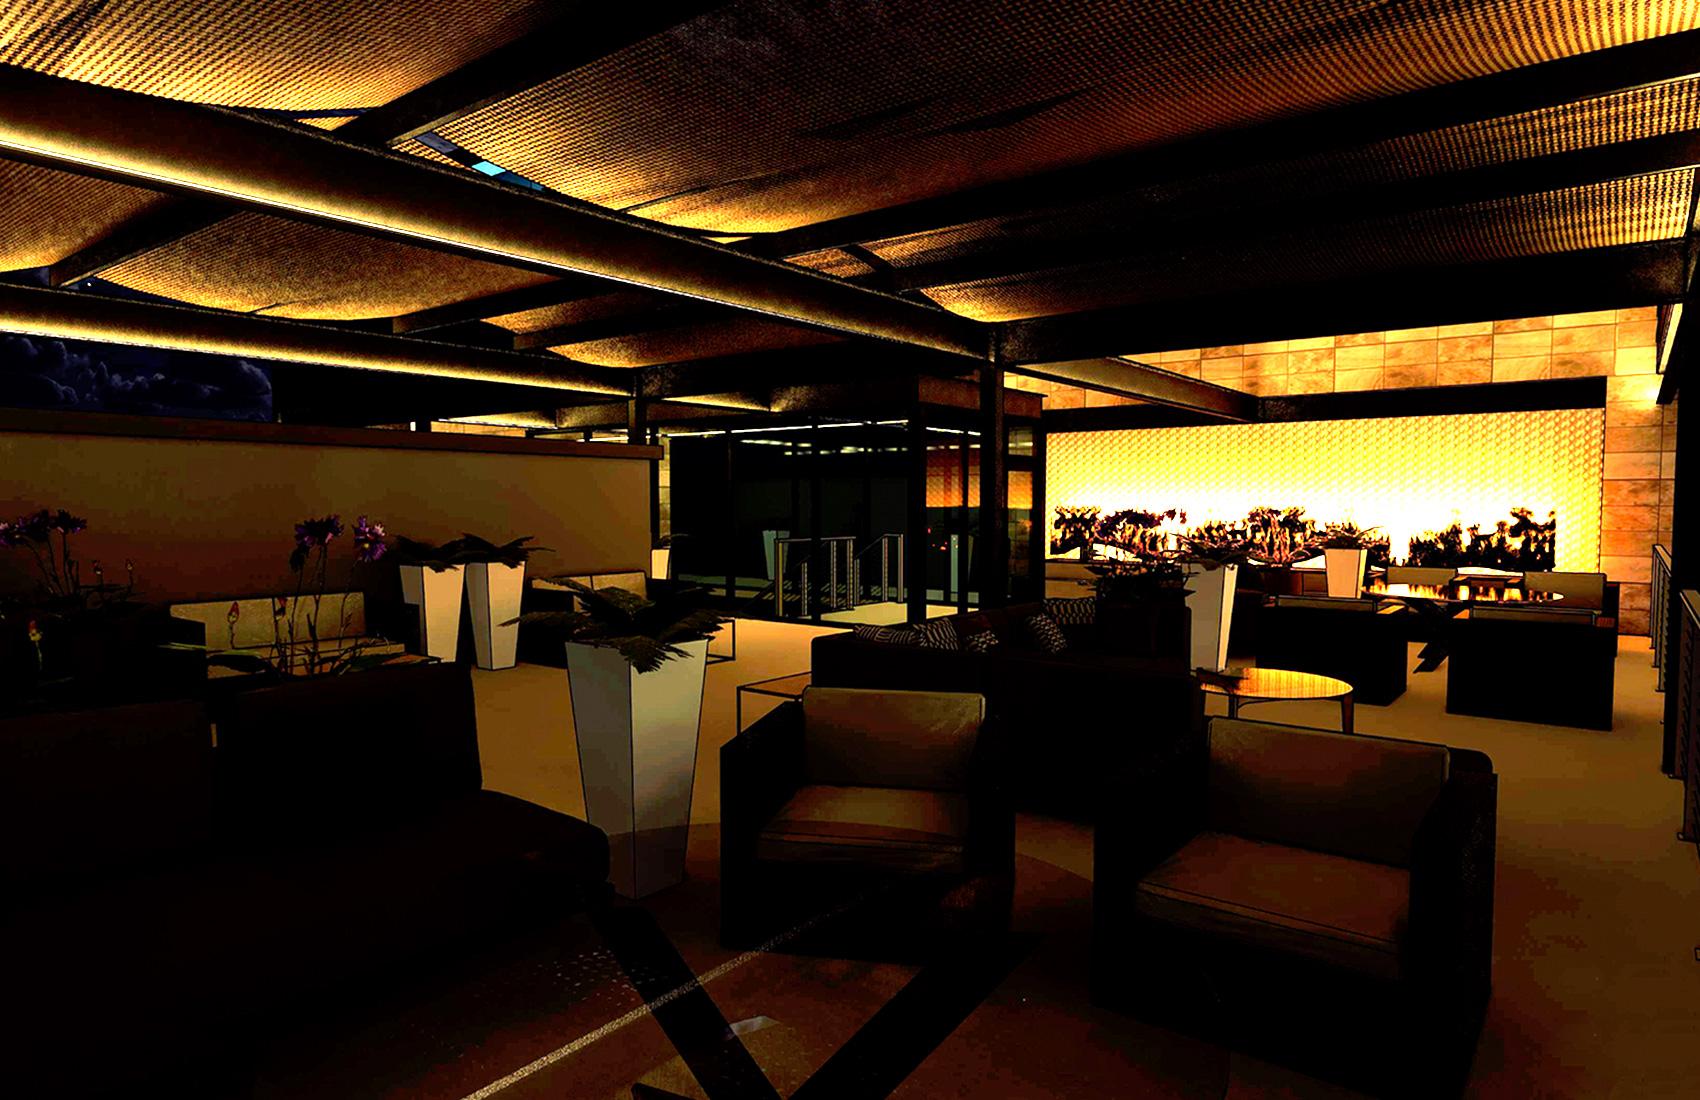 Cannon Beach Restaurant Deck Night Rendering